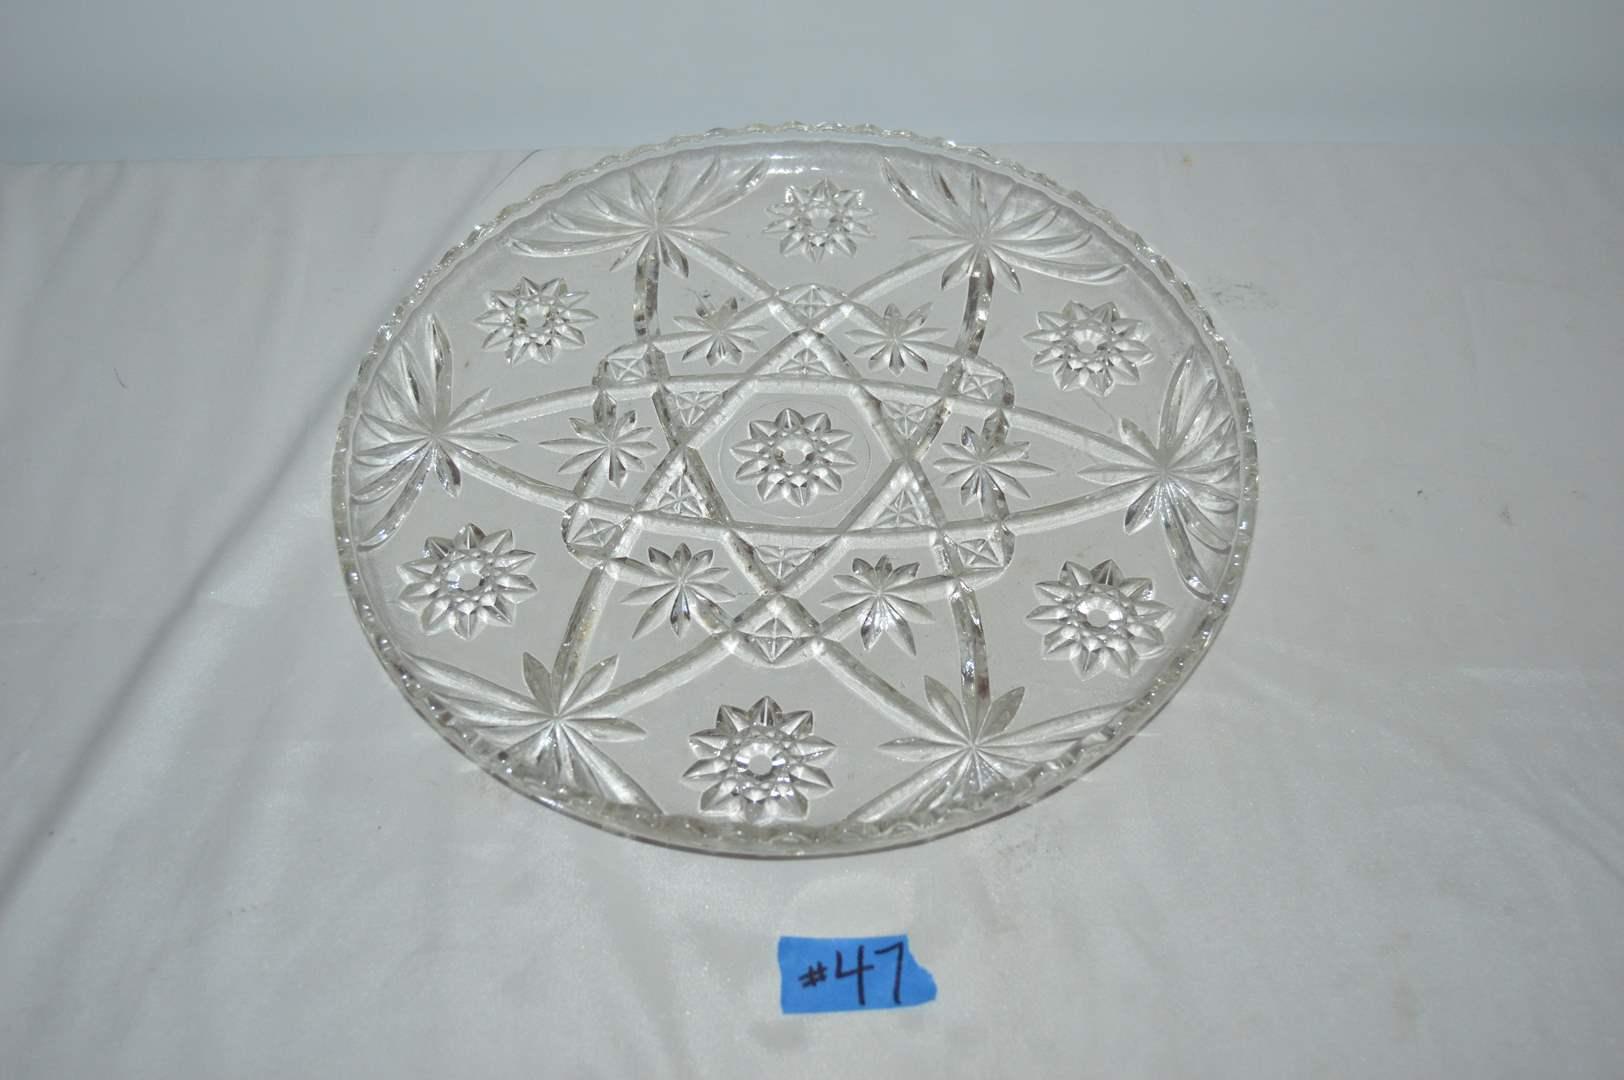 Lot # 47 Vintage large cut glass star serving platter (main image)